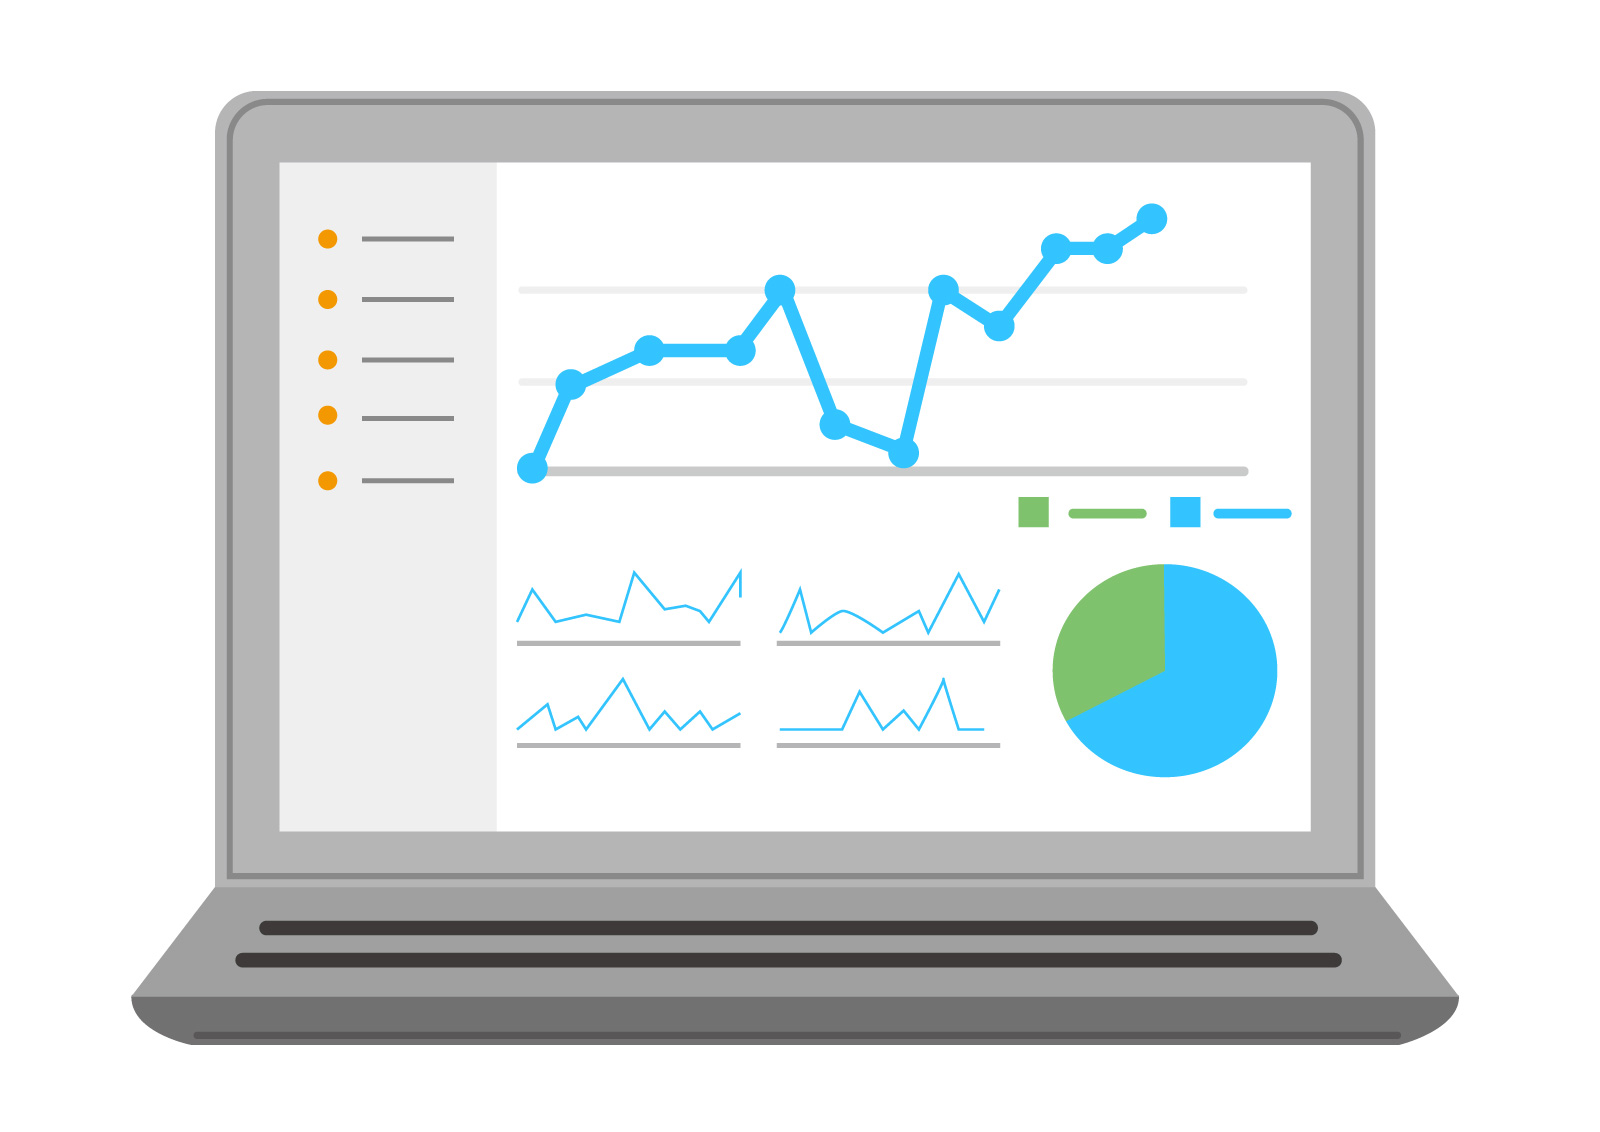 新規WEBサイト立ち上げ時に推奨しているSEO施策について